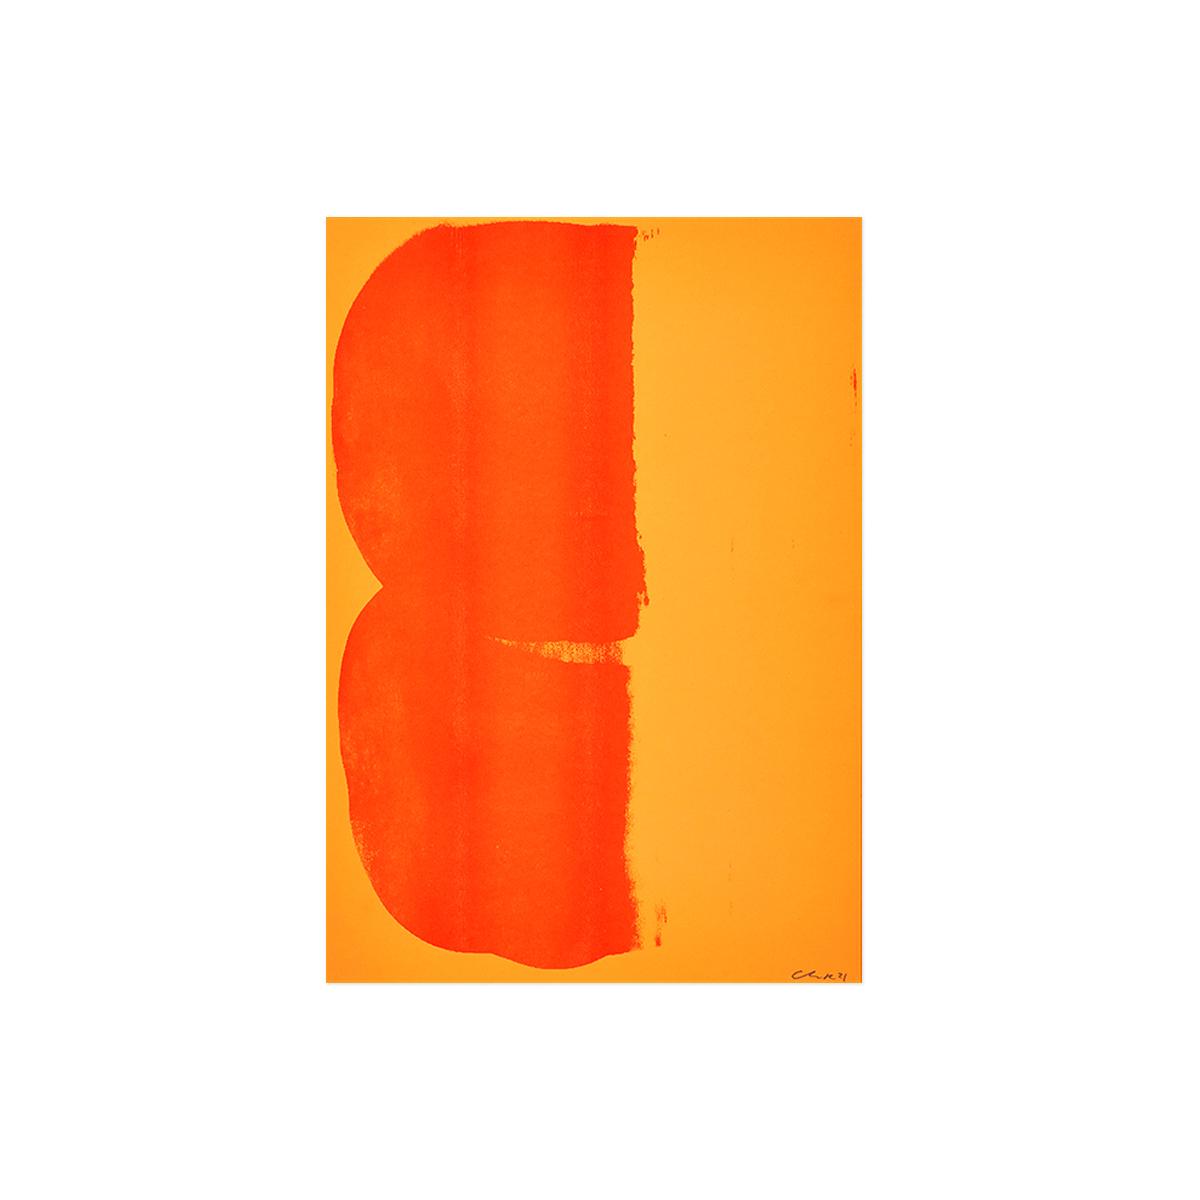 플랫폼엘 크리스 로 Both Poster (Orange)